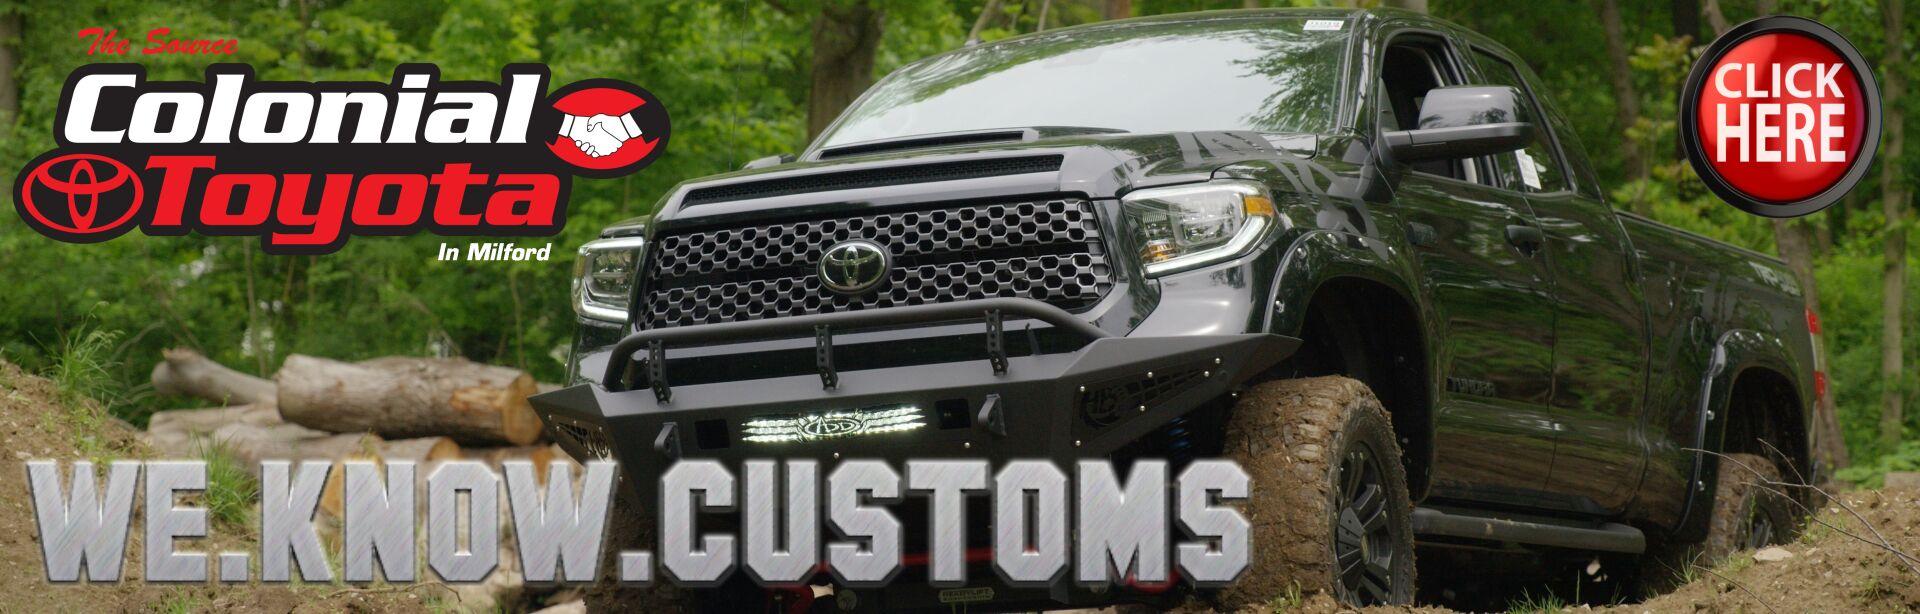 hight resolution of custom trucks